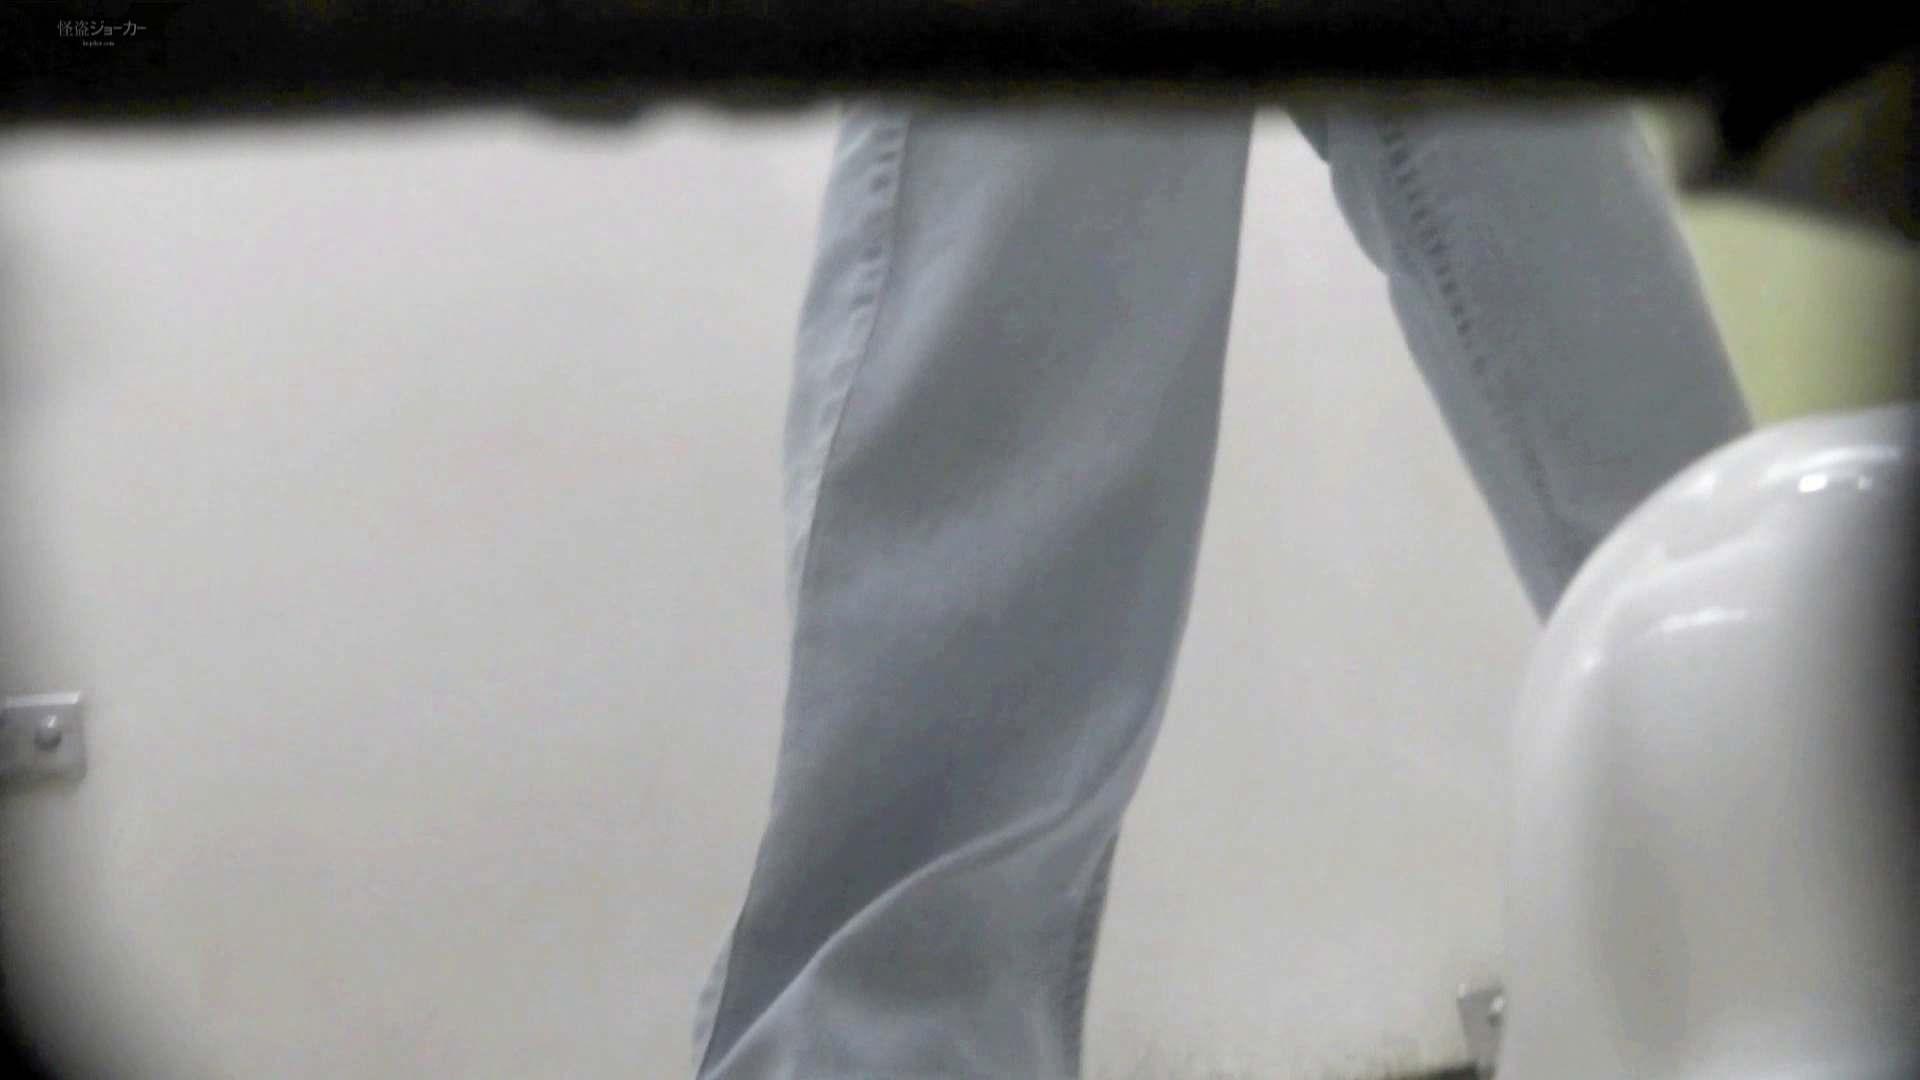 無修正エロ動画:洗面所特攻隊 vol.69早く出て行け、デブちゃん外の子漏れちゃうよ:怪盗ジョーカー